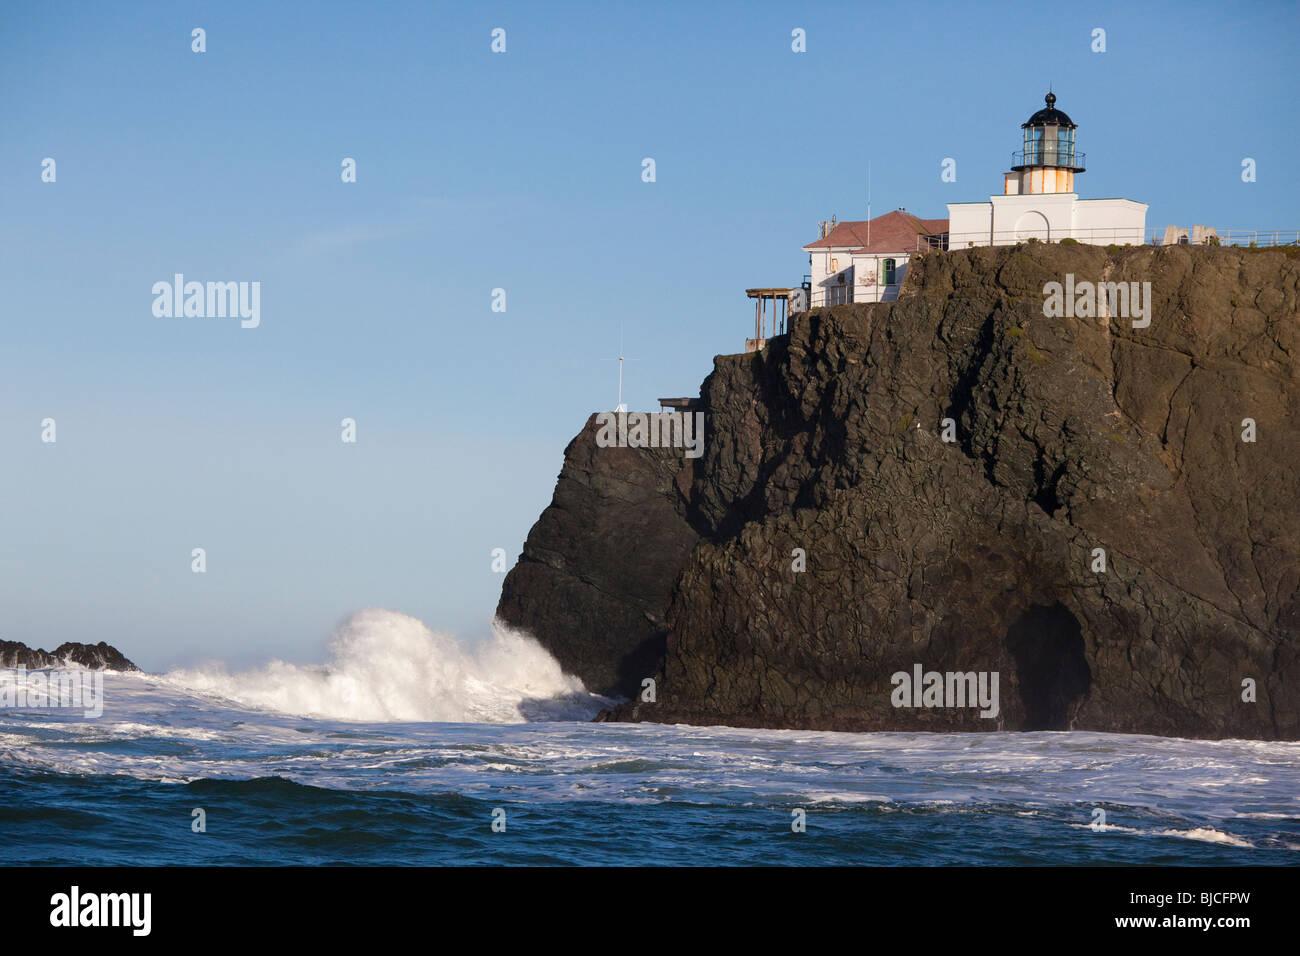 Histórico Faro de Punta Bonita, vista desde un barco, San Francisco, California, EE.UU. Imagen De Stock